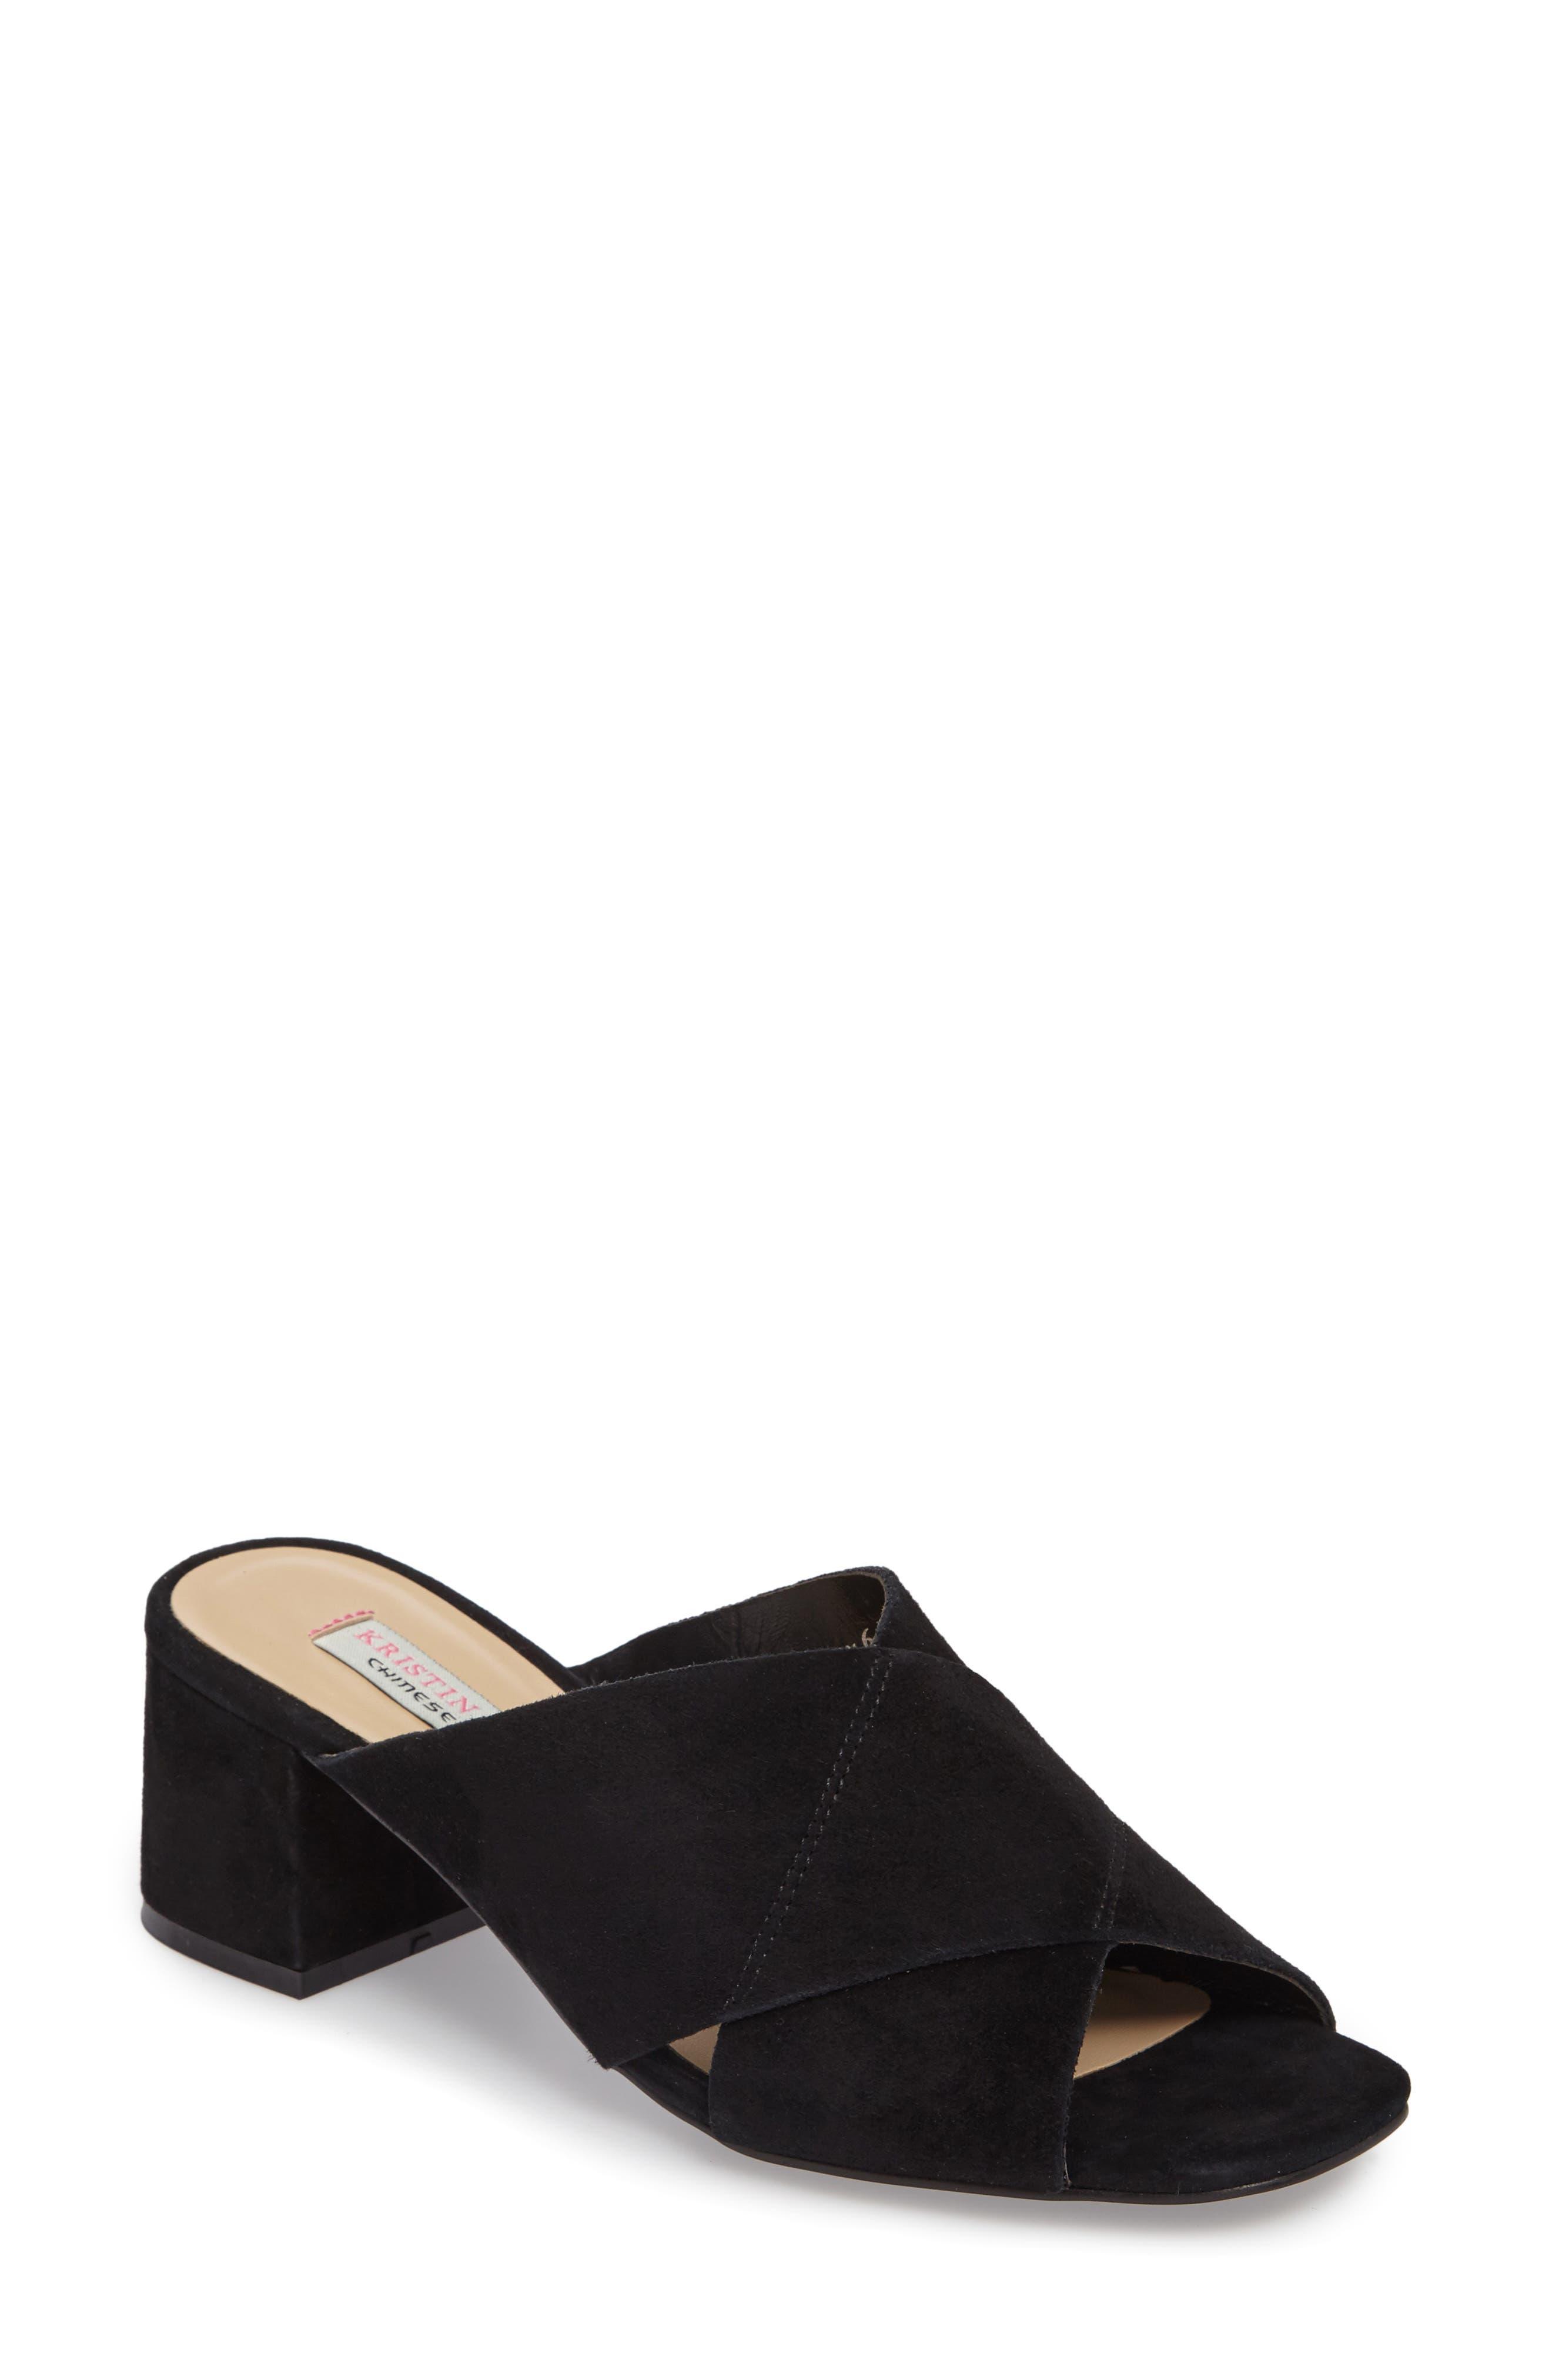 Luvvock Slide Sandal,                         Main,                         color, 001